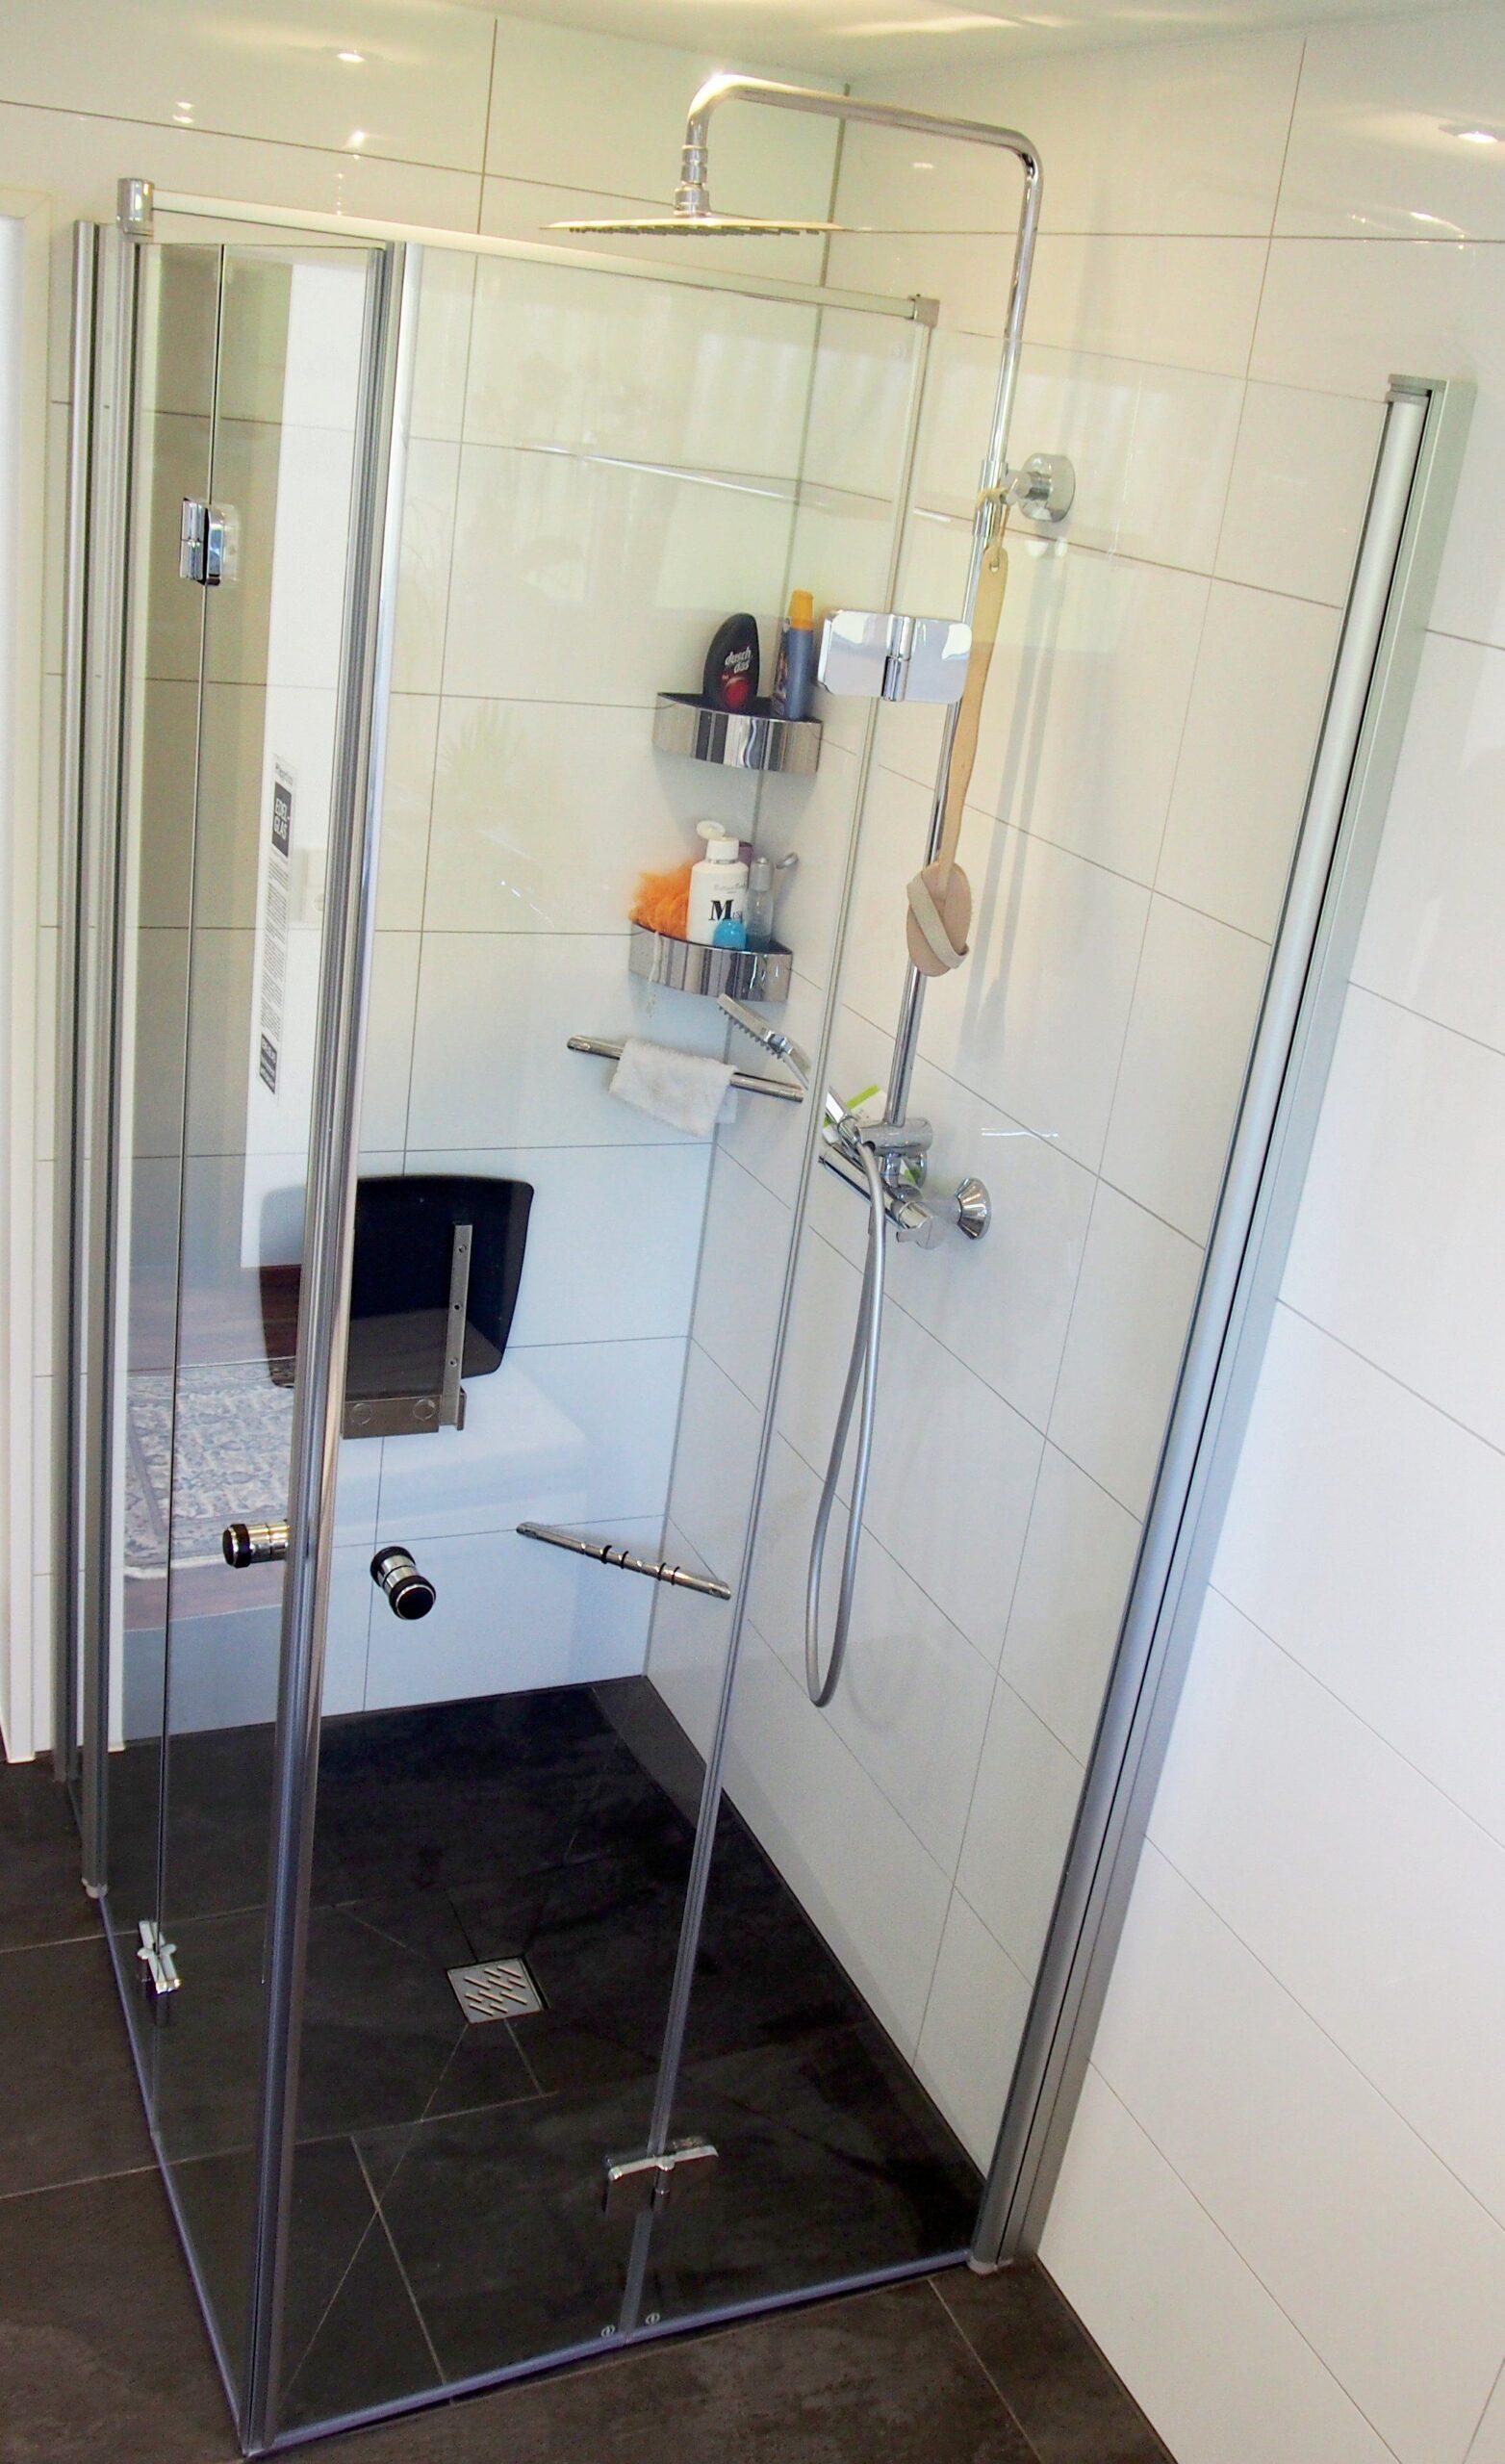 Full Size of Rainshower Dusche Bodengleiche Bluetooth Lautsprecher Nachträglich Einbauen Duschen Unterputz Armatur Sprinz Badewanne Mit Breuer Nischentür Eckeinstieg Dusche Dusche Bodengleich